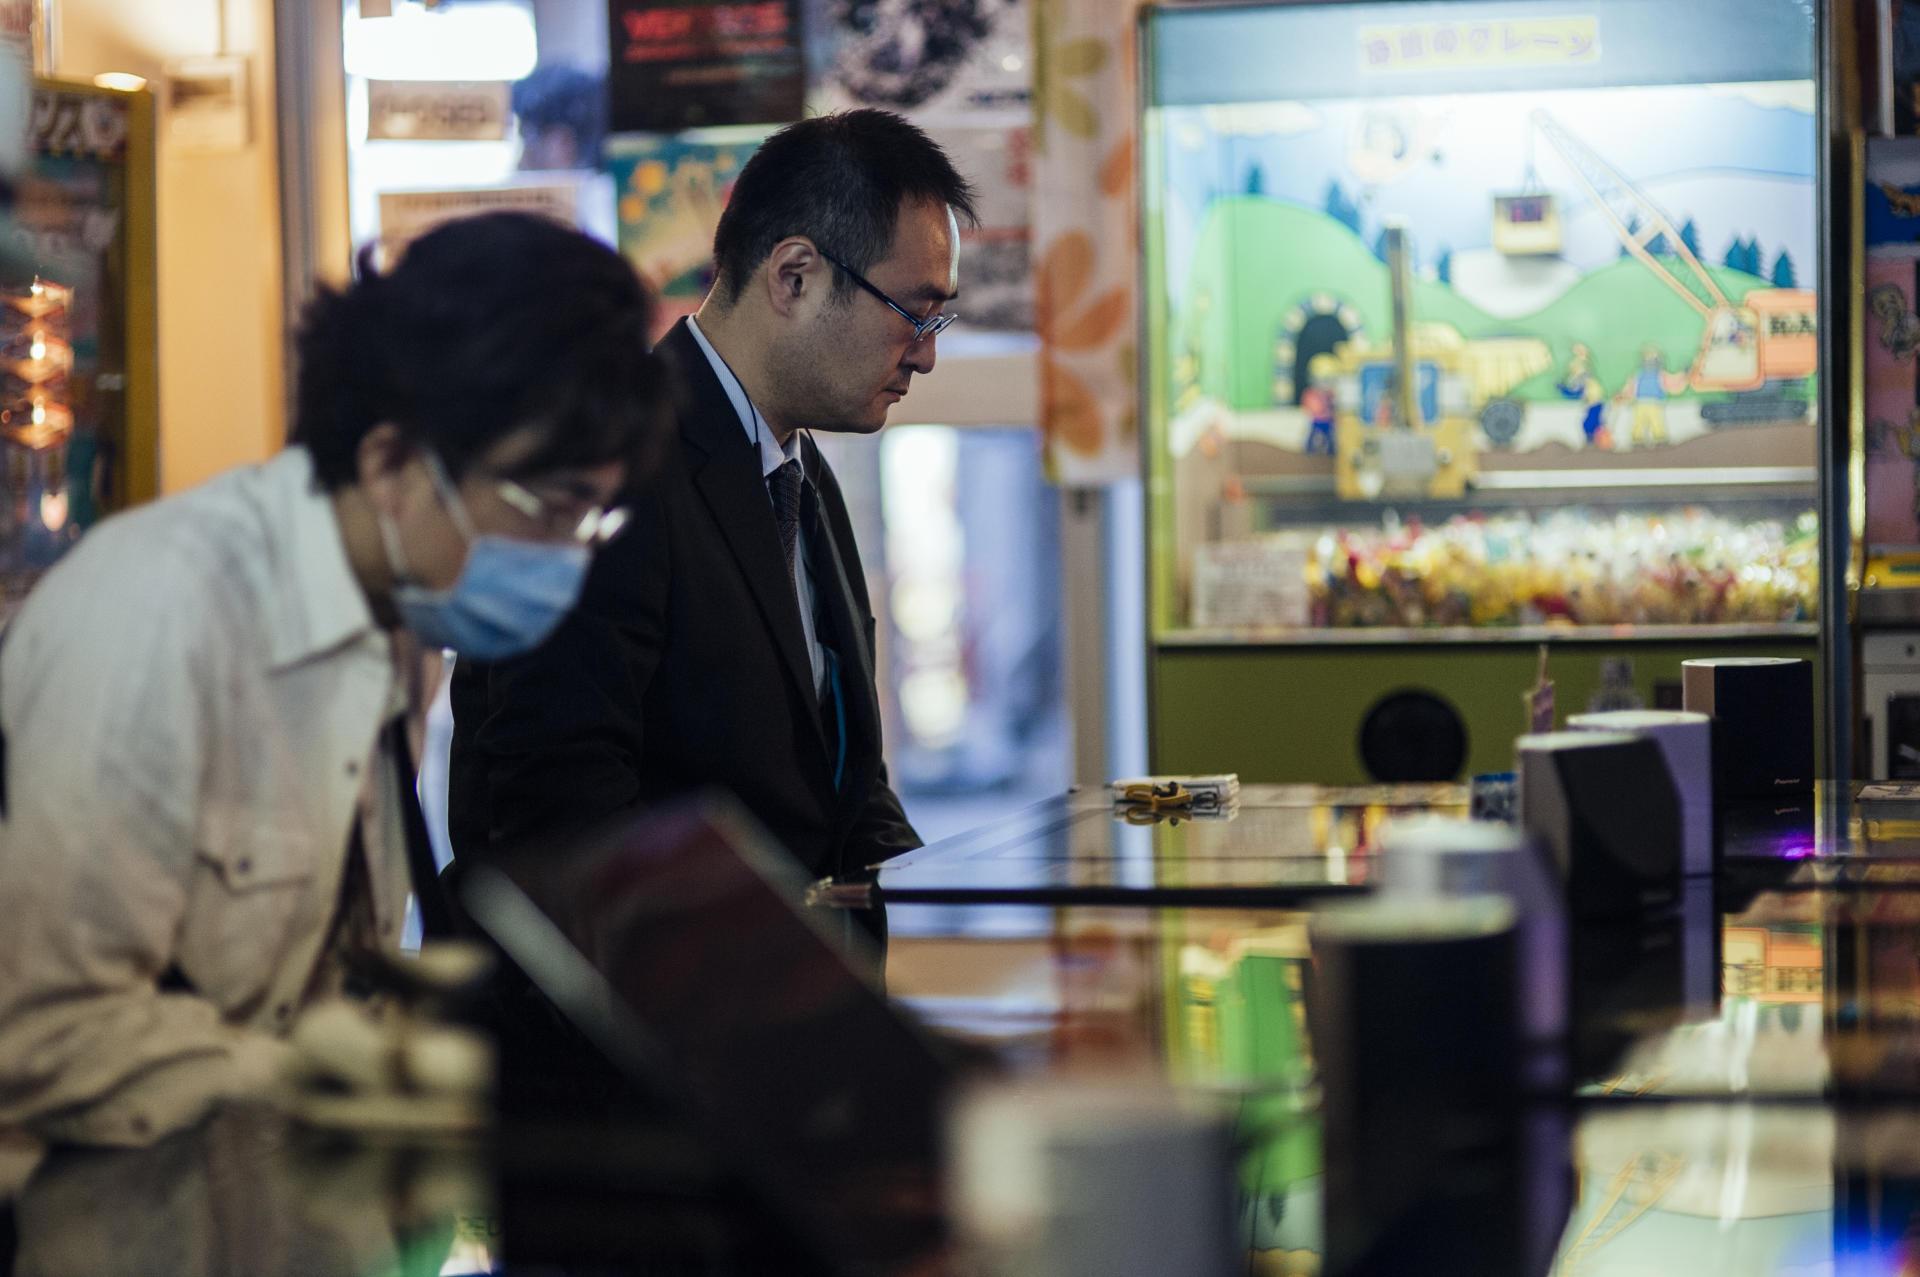 A l'opposé des grandes salles de jeux vidéo, les salles de rétro-gaming attirent des Japonais plus âgés et nostalgiques.